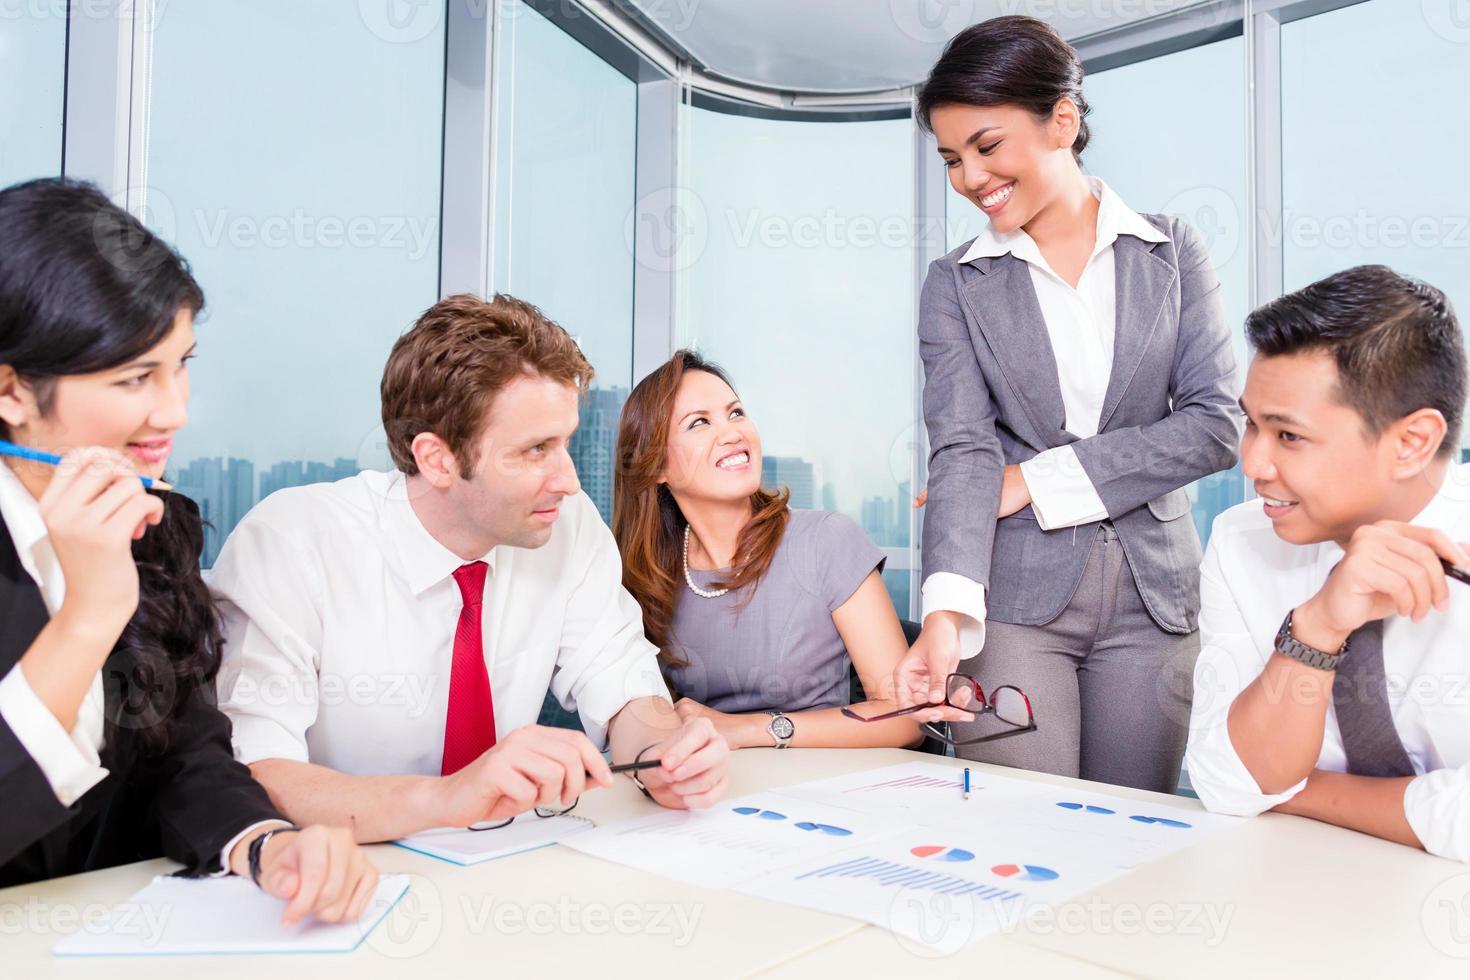 équipe commerciale asiatique discutant des graphiques photo